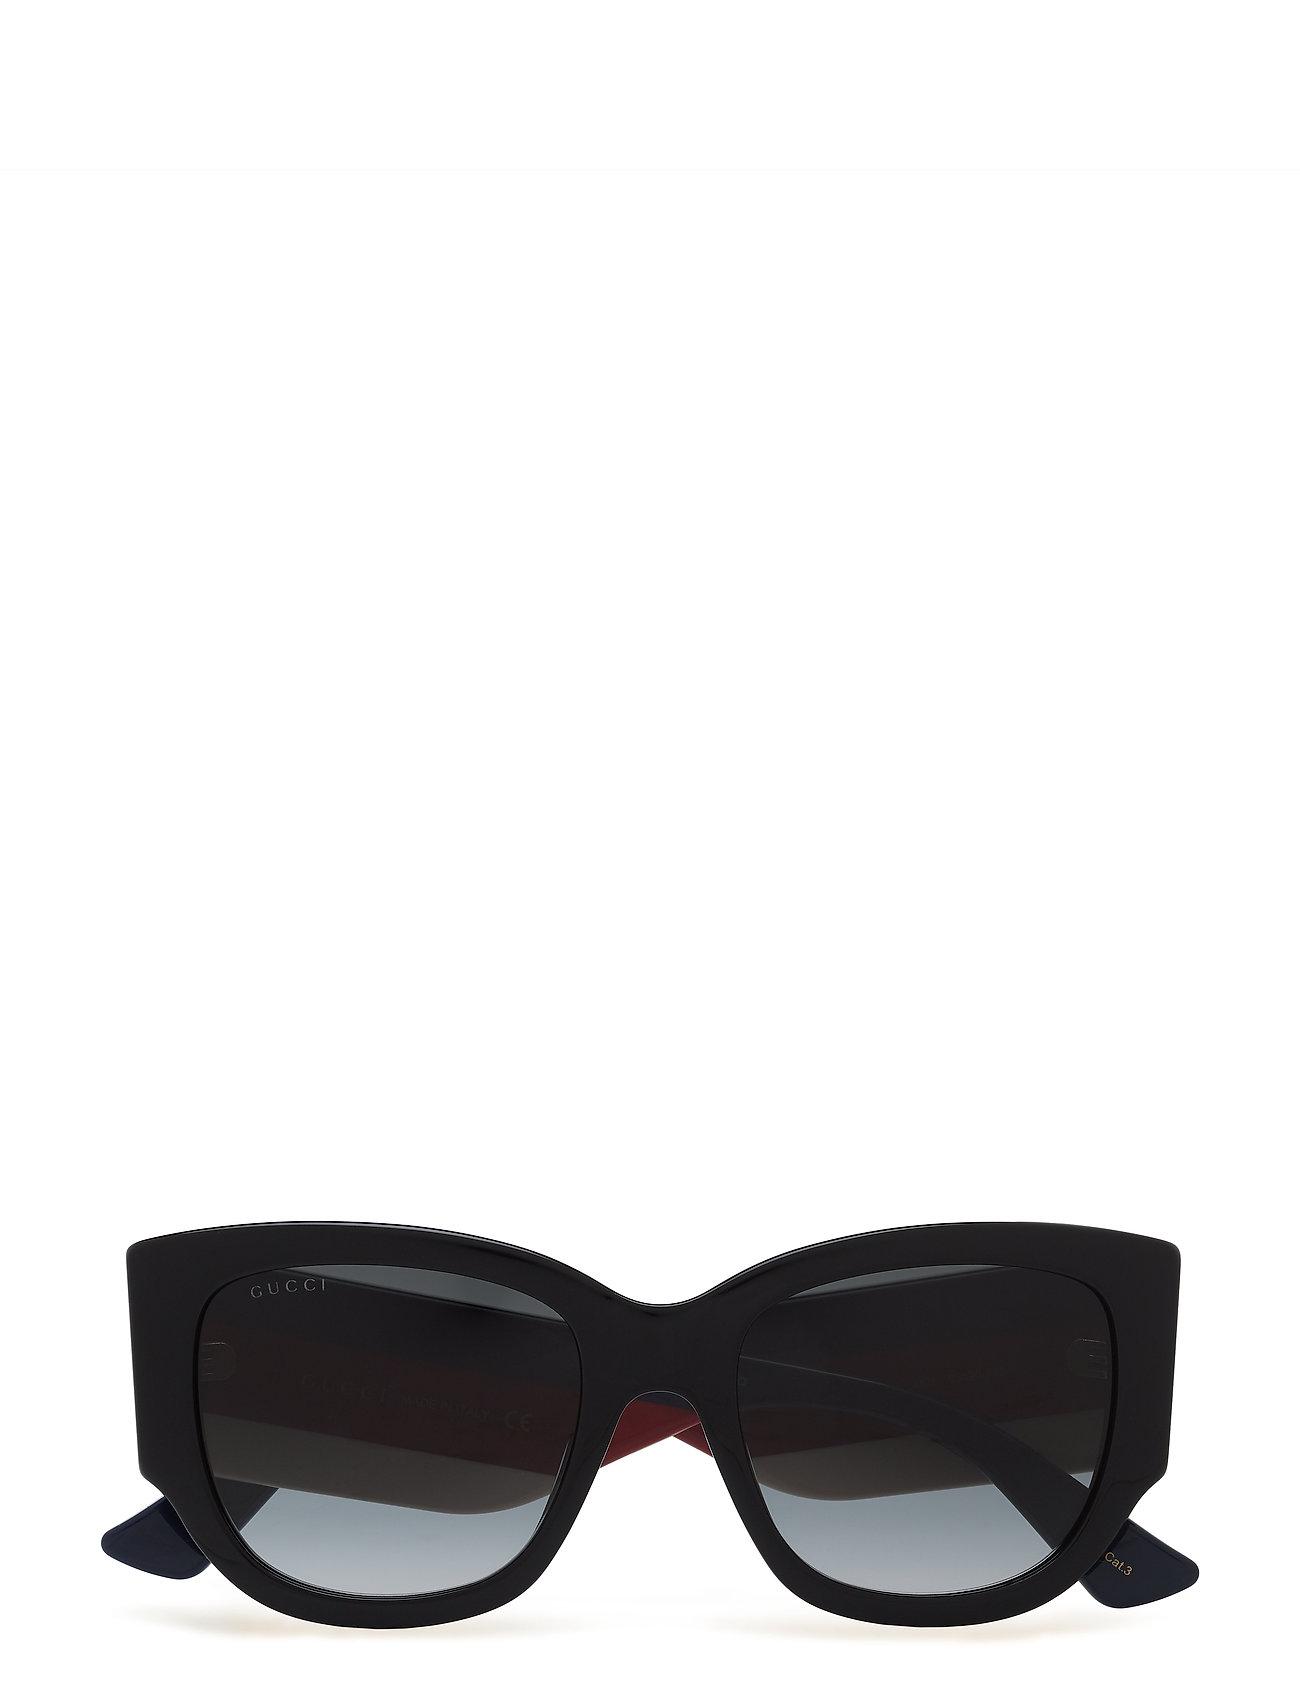 a06a15bd67f4 Gg0276s wayfarer solbriller fra Gucci til dame i BLACK-MULTICOLOR ...